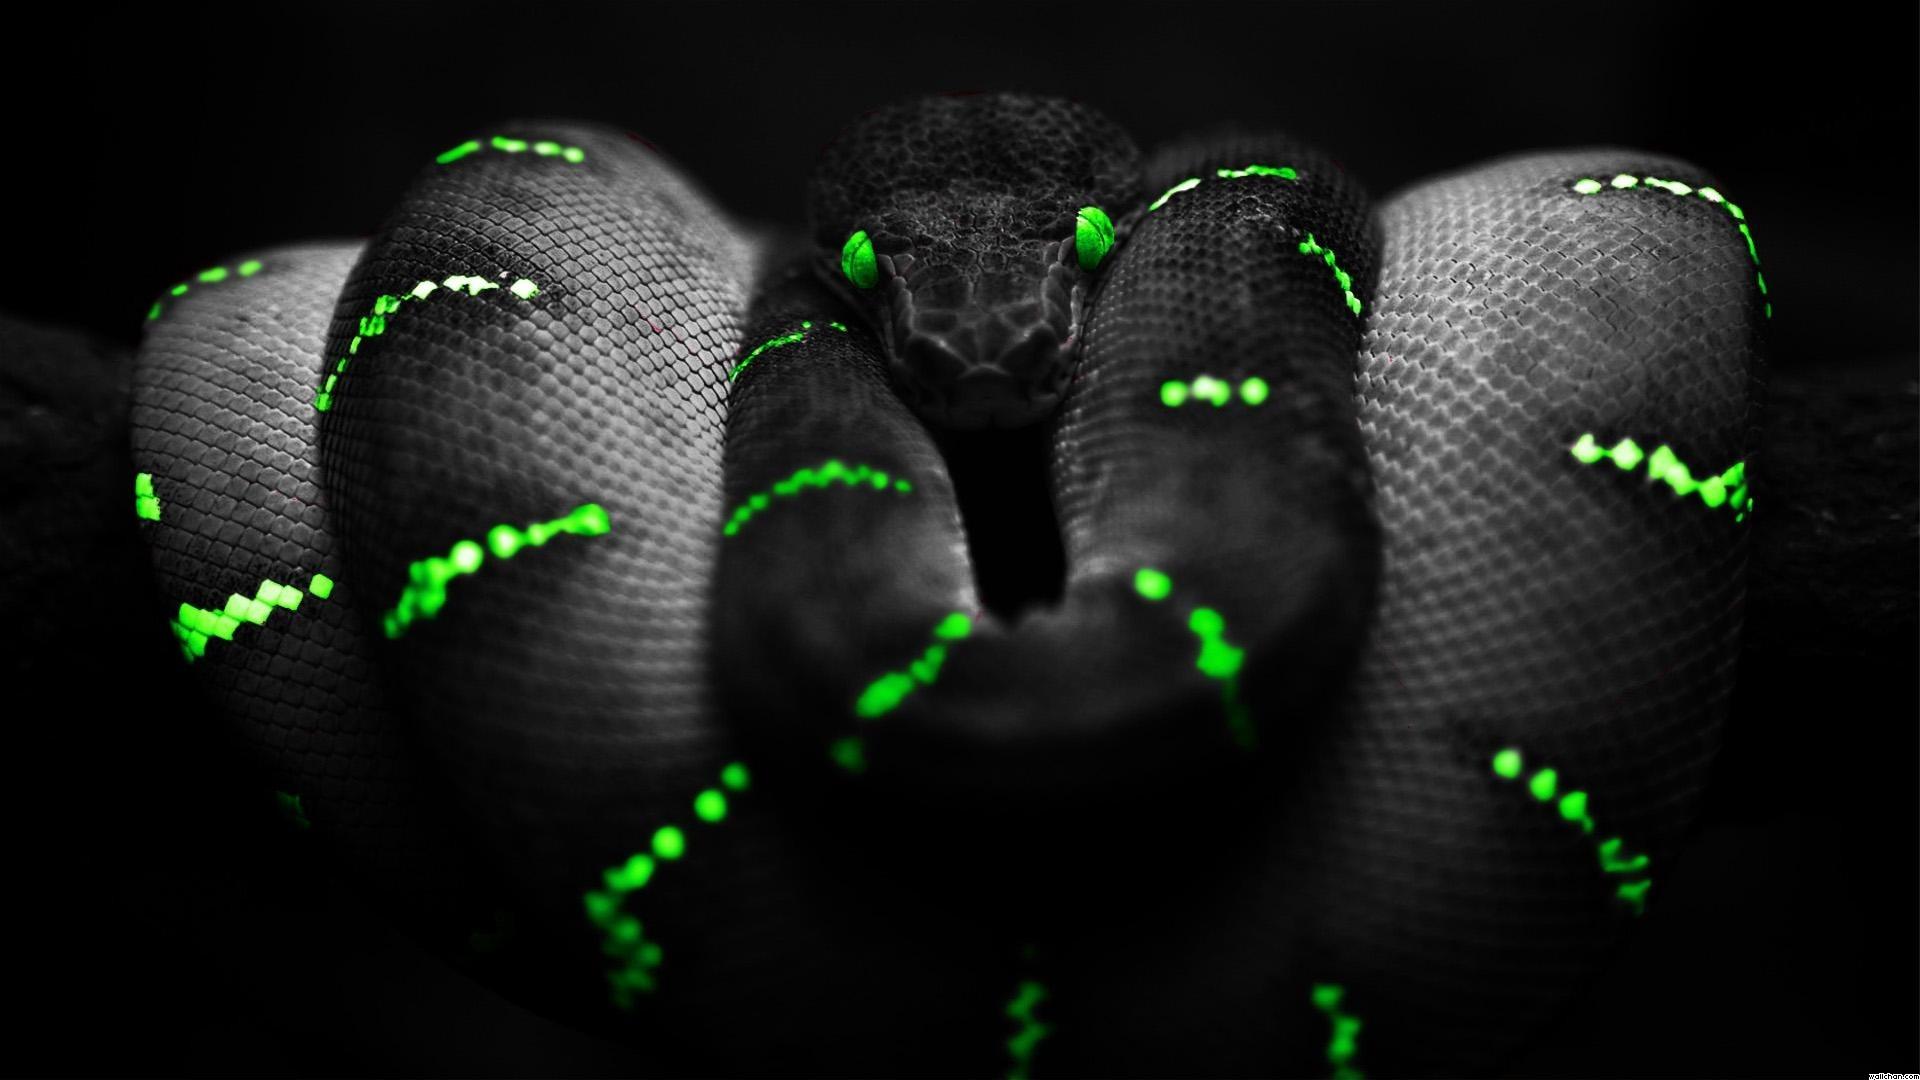 Black-Snake-Background-Wallpaper.jpg